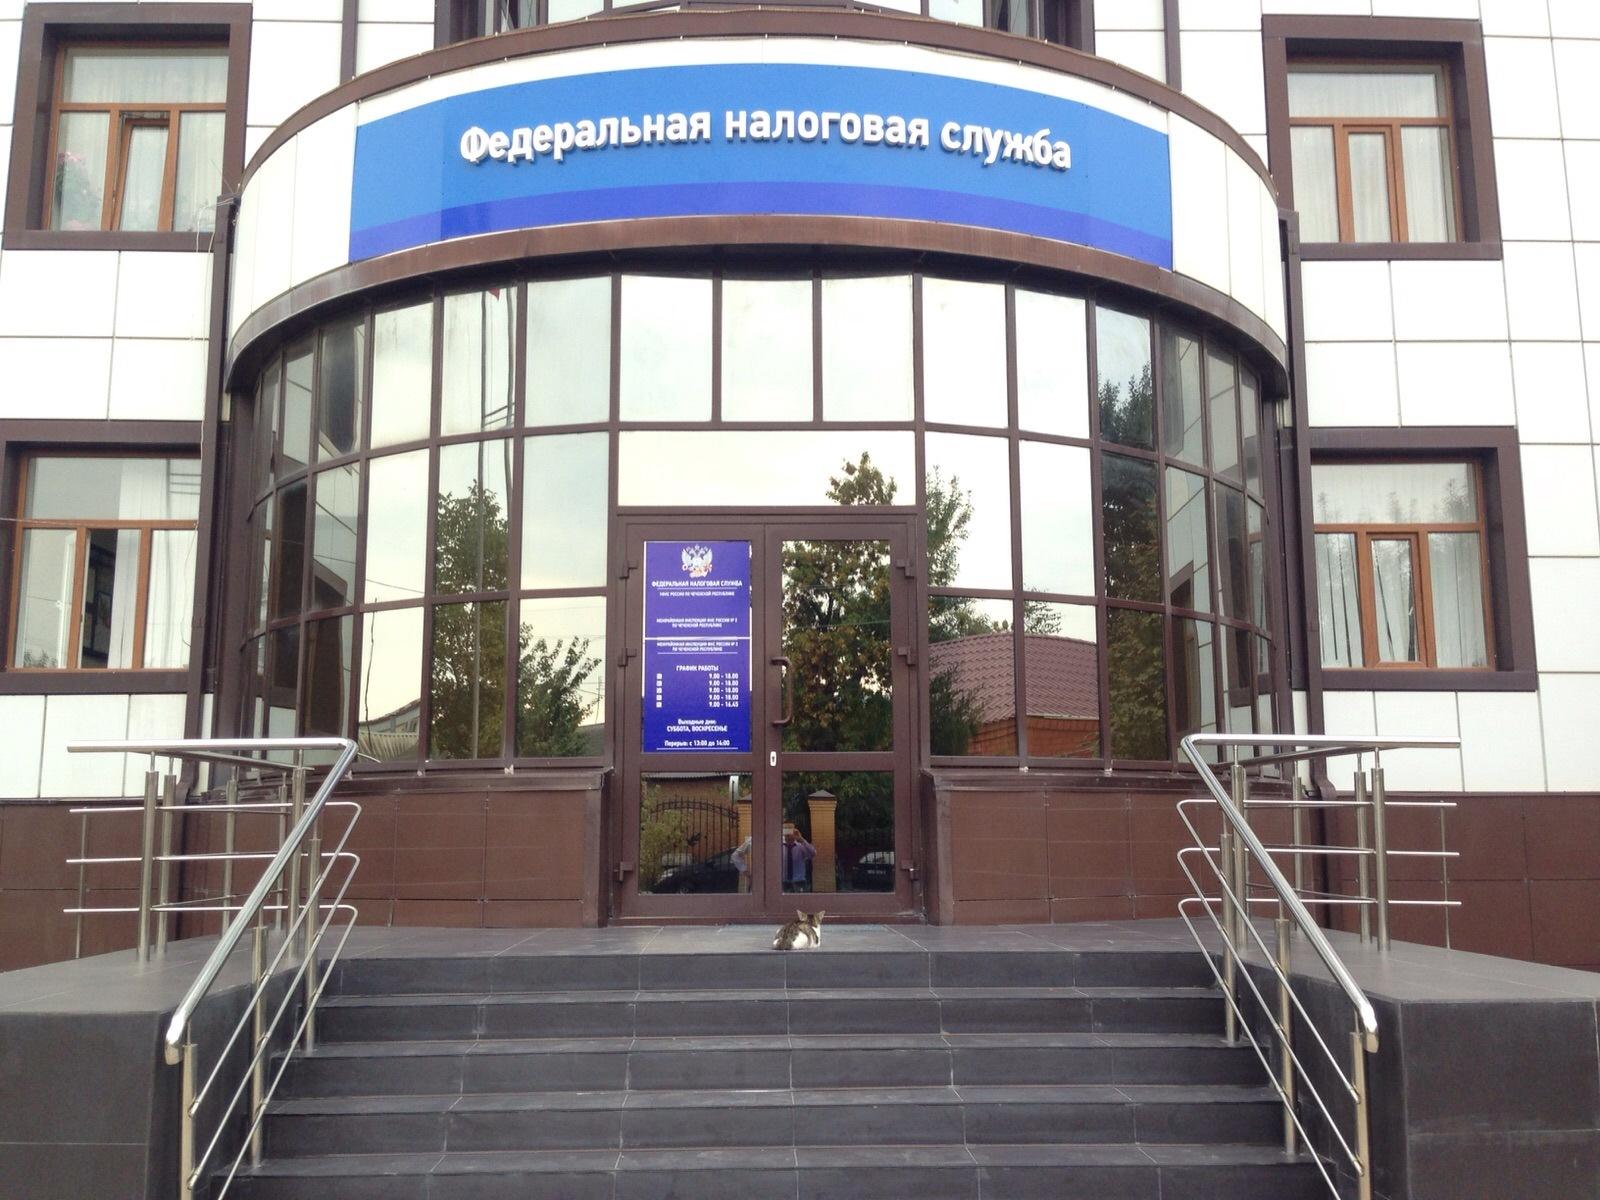 Ифнс севастополя официальный сайт детская областная ортопедо-хирургическая больница в сокольниках сайт